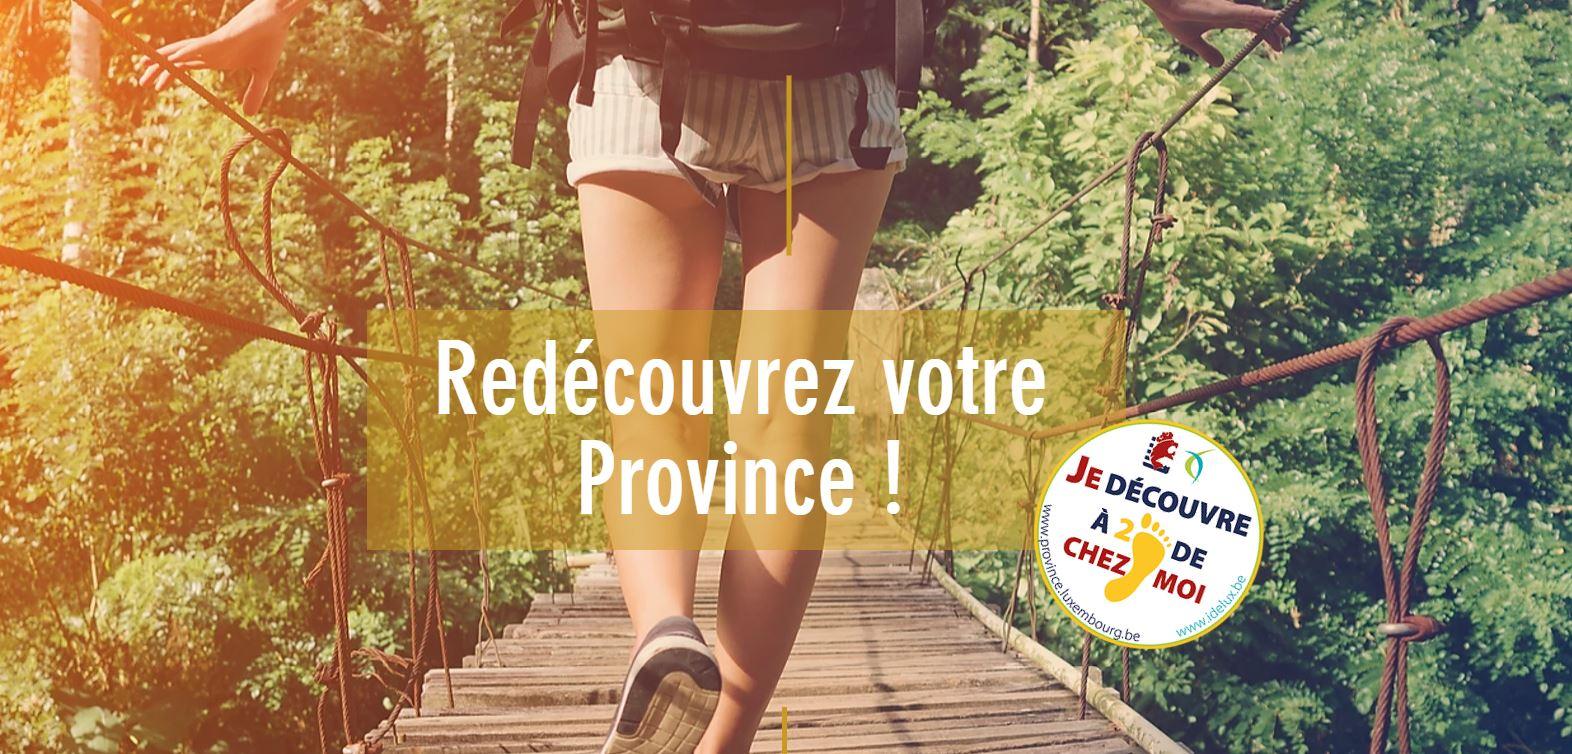 Province : un pass de réductions offert afin de relancer le tourisme